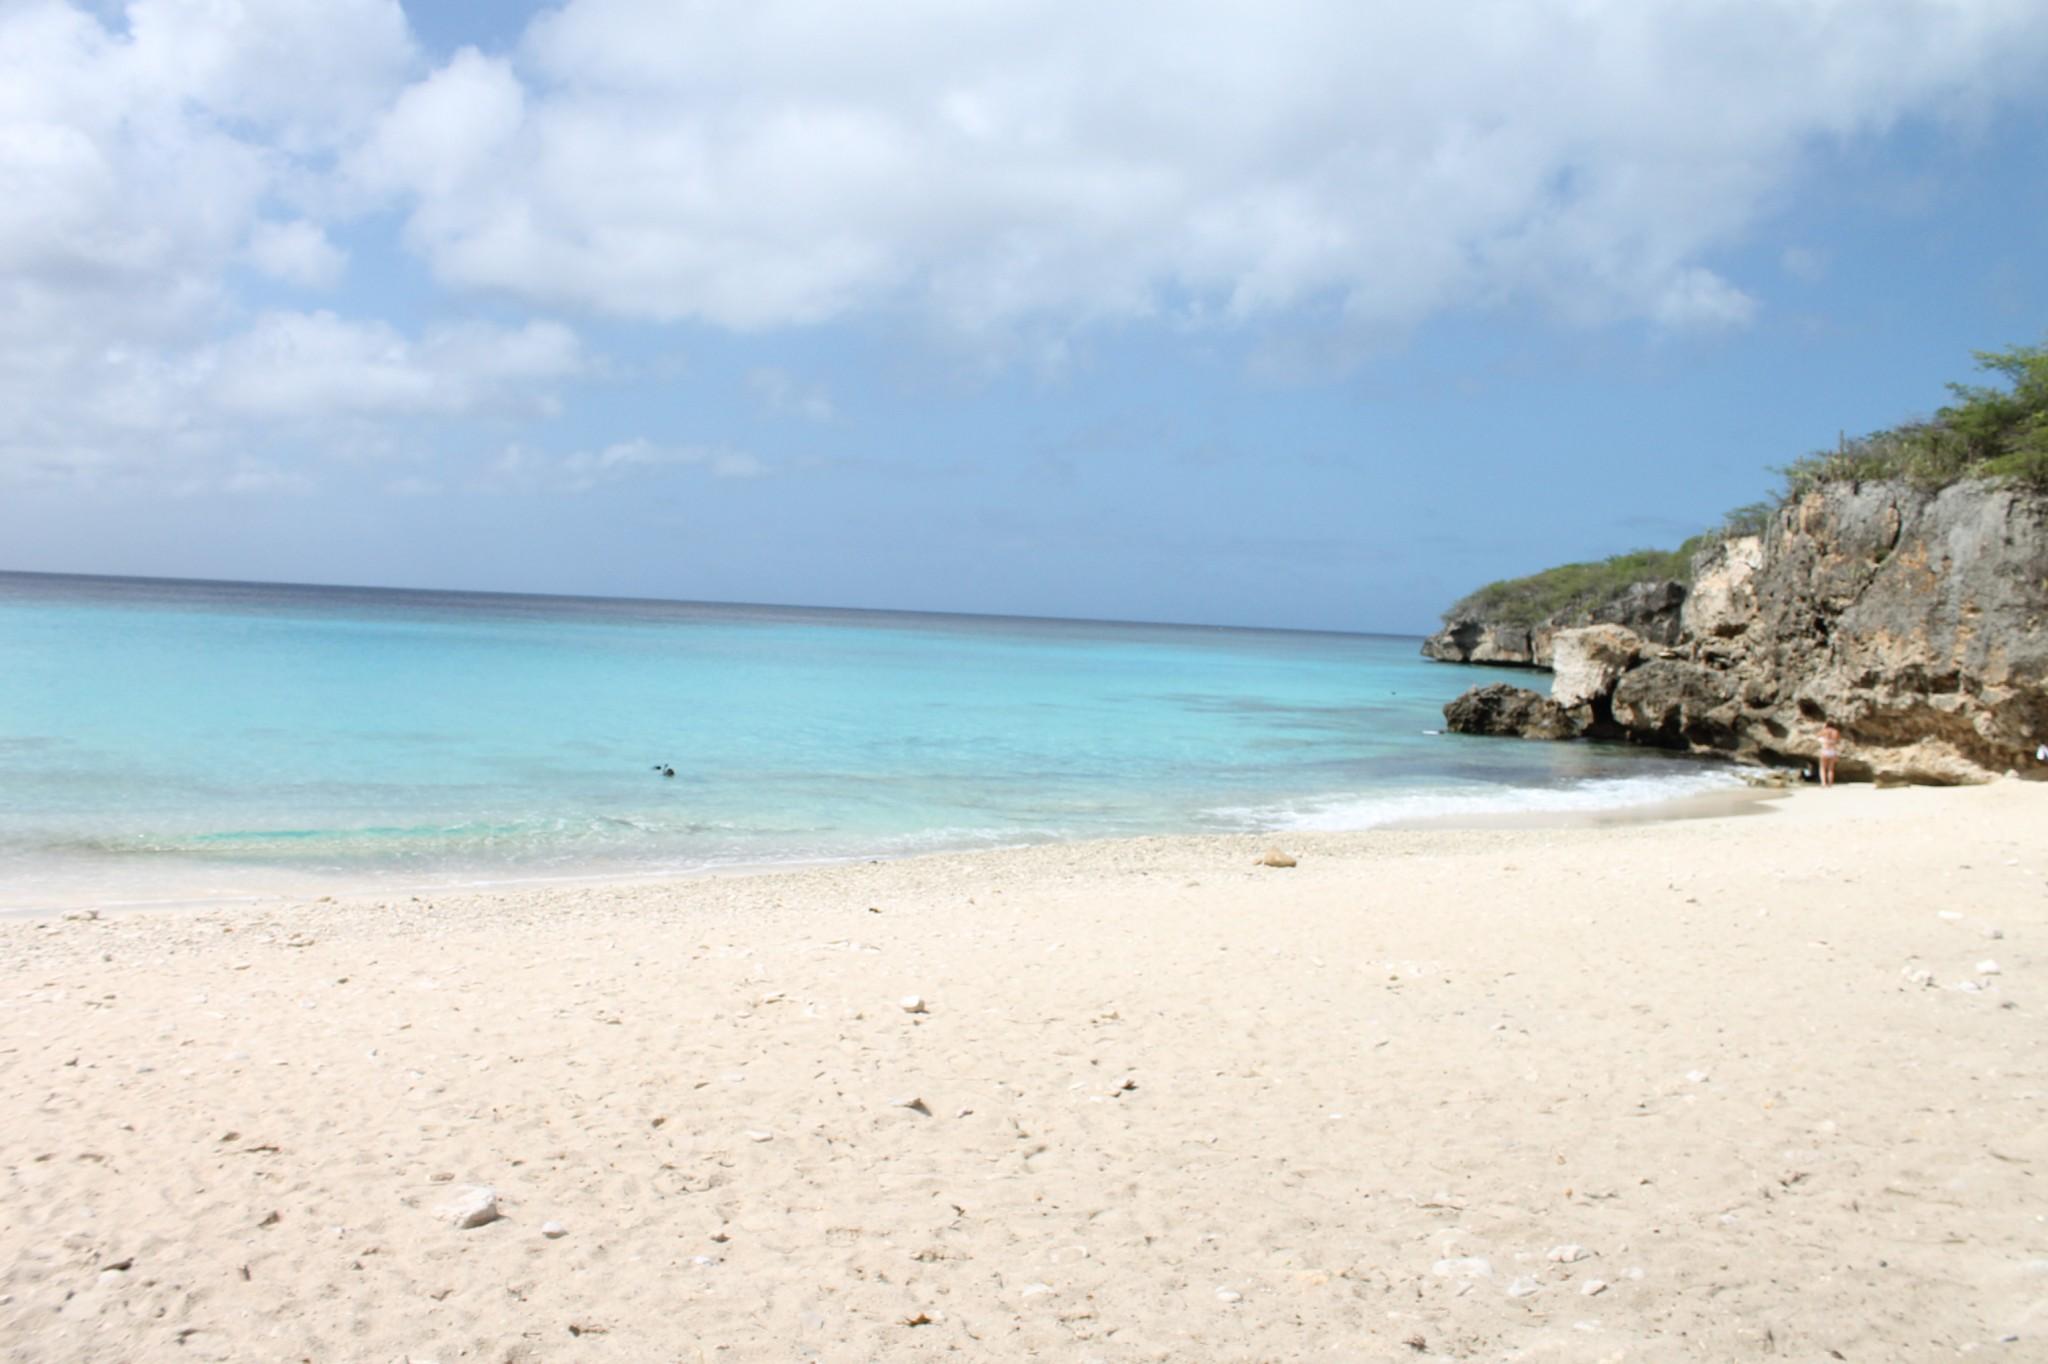 10x goedkope vakantie op curacao volgens een local - Centraal goedkoop eiland ...